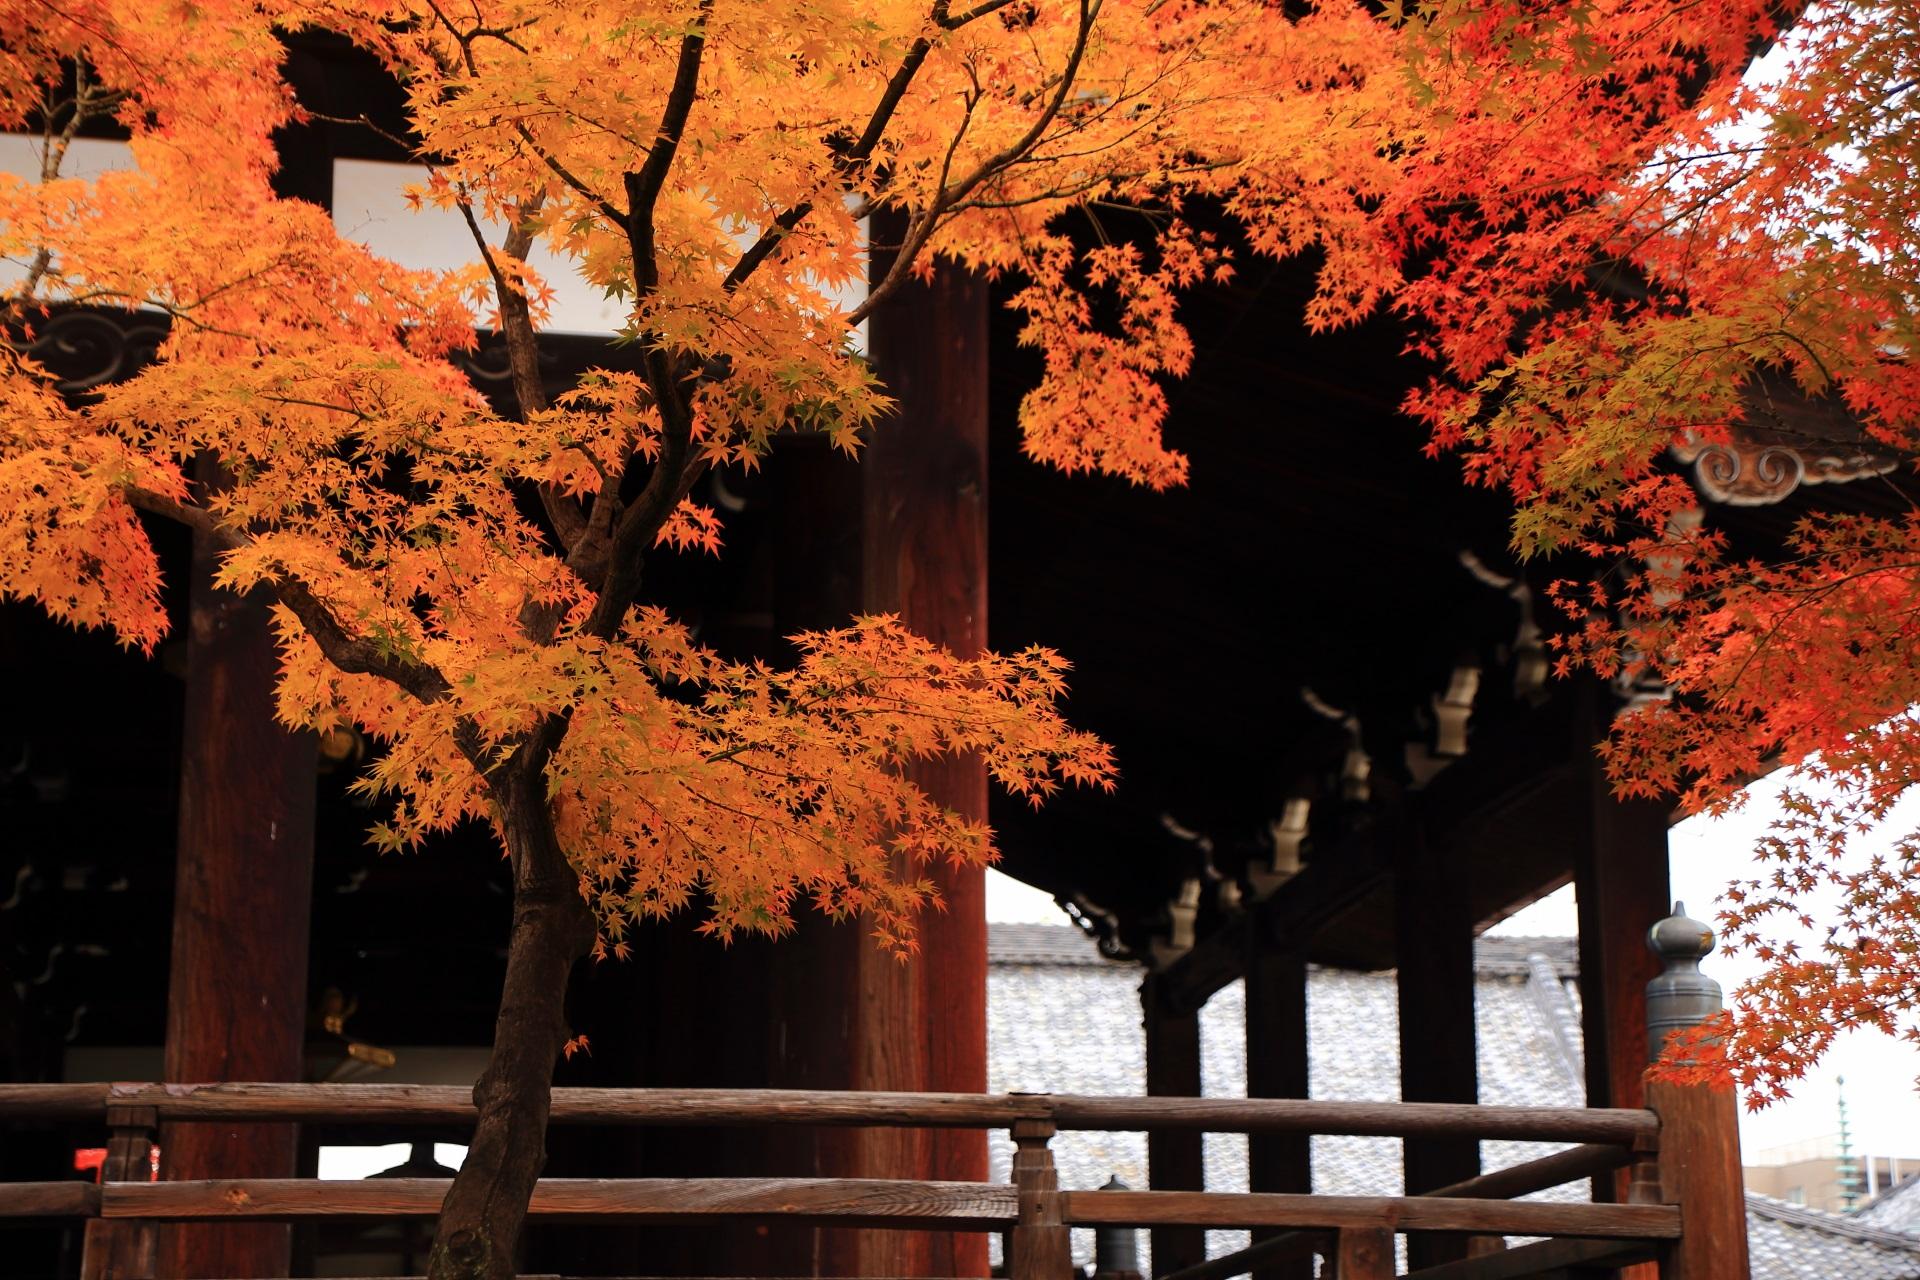 妙顕寺の本堂を華やぐ美しいオレンジ色の紅葉